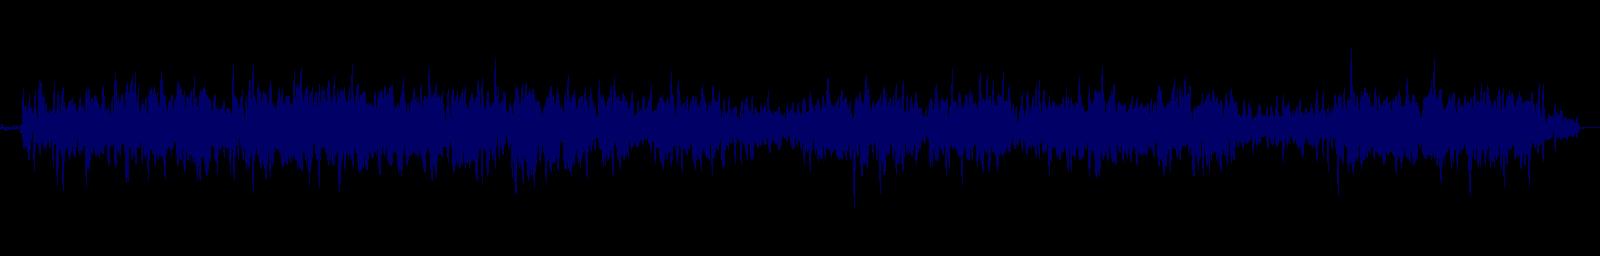 waveform of track #146787